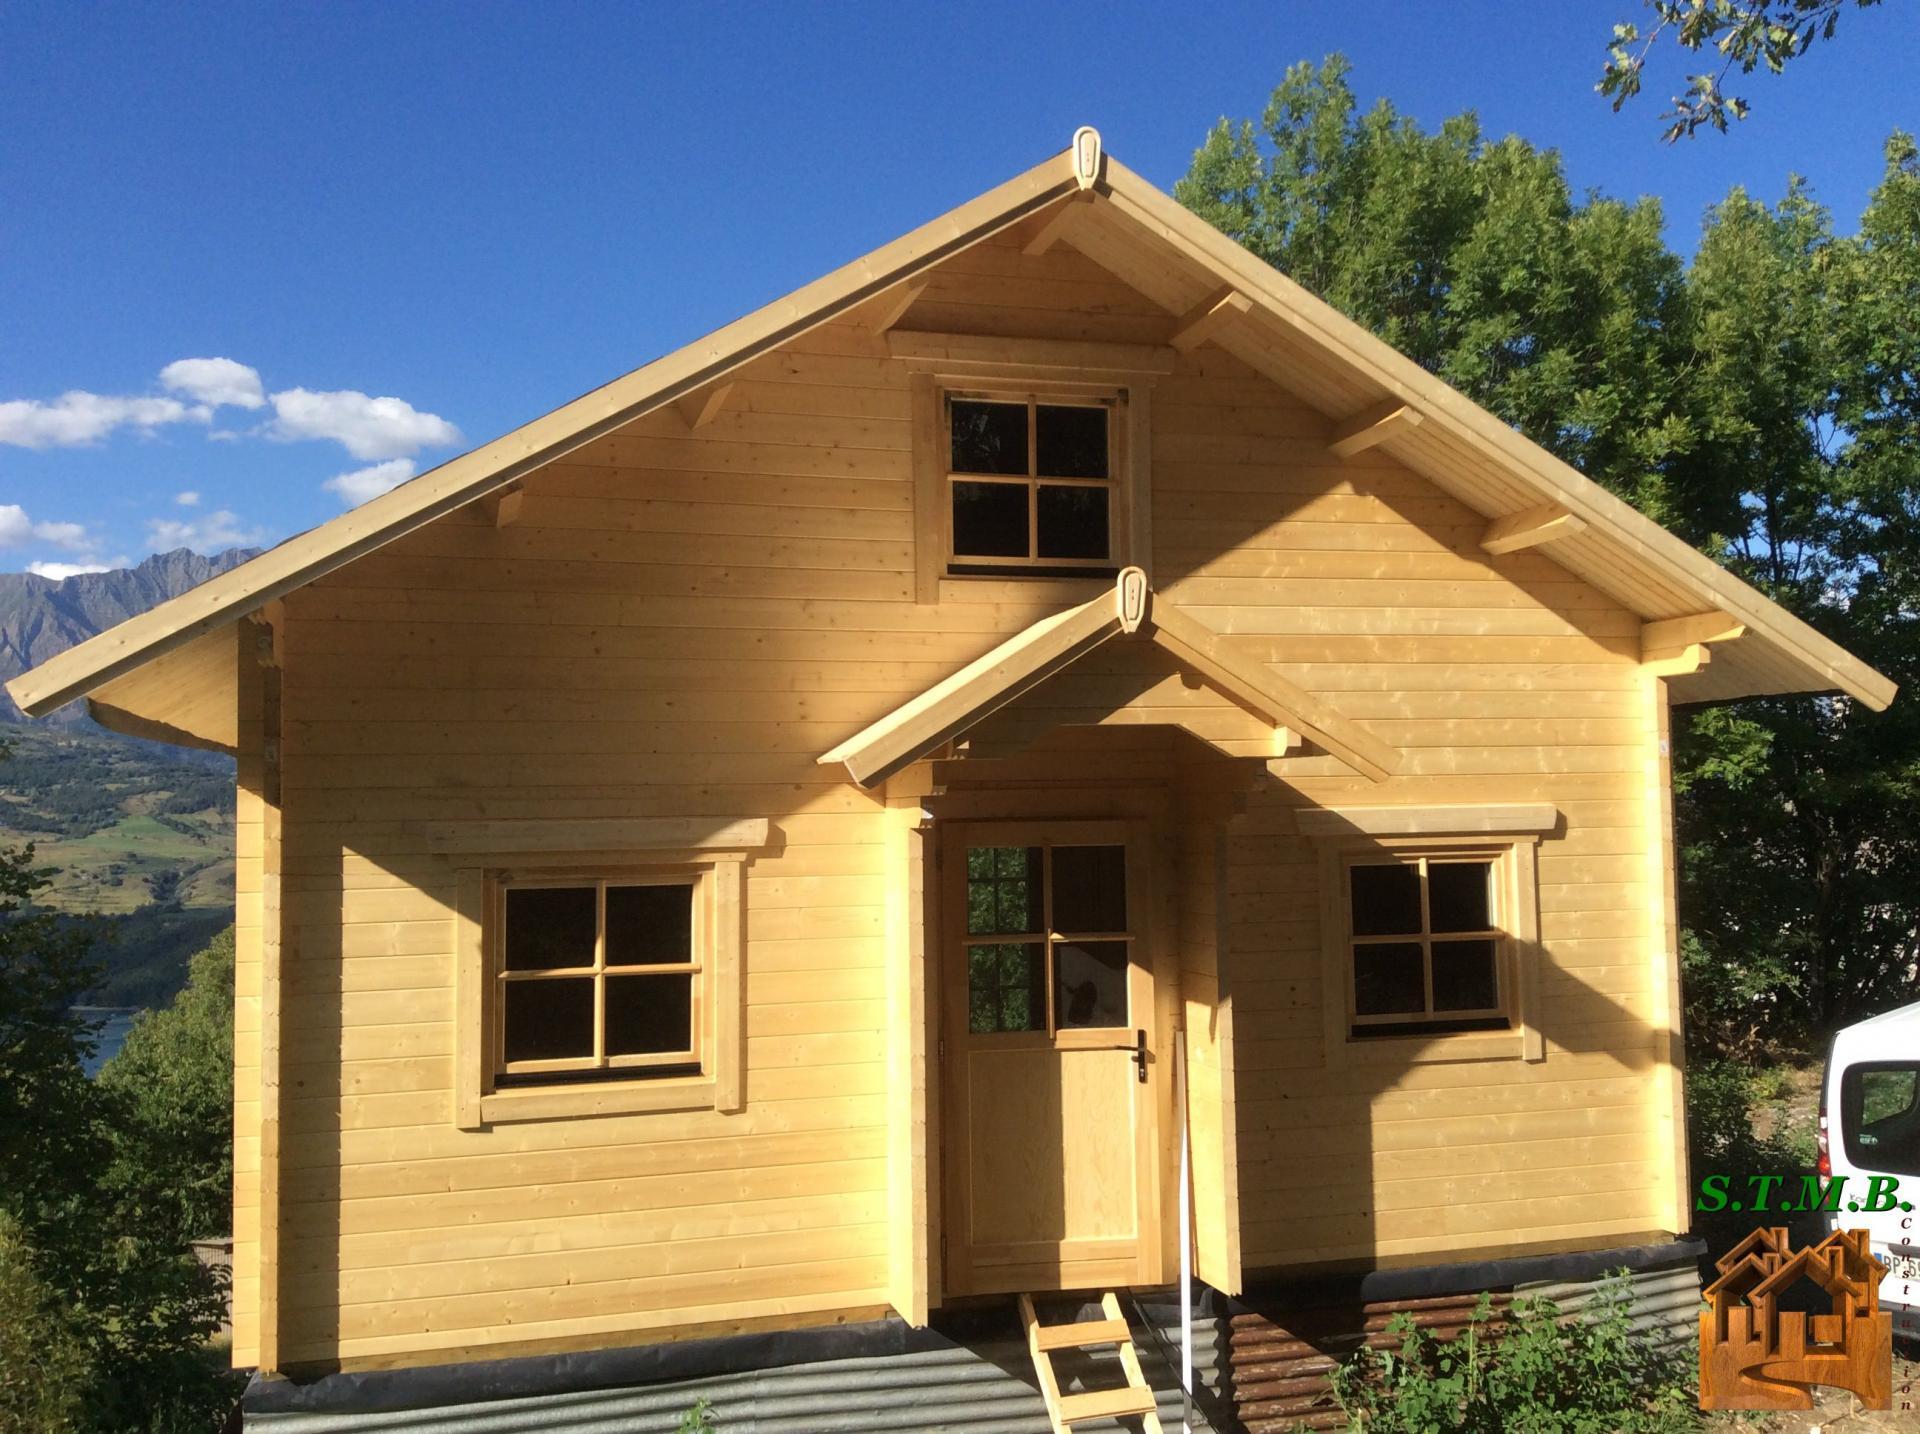 Fabricant Constructeur De Kits Chalets En Bois Habitables - Stmb destiné Chalet En Bois Pas Cher Destockage